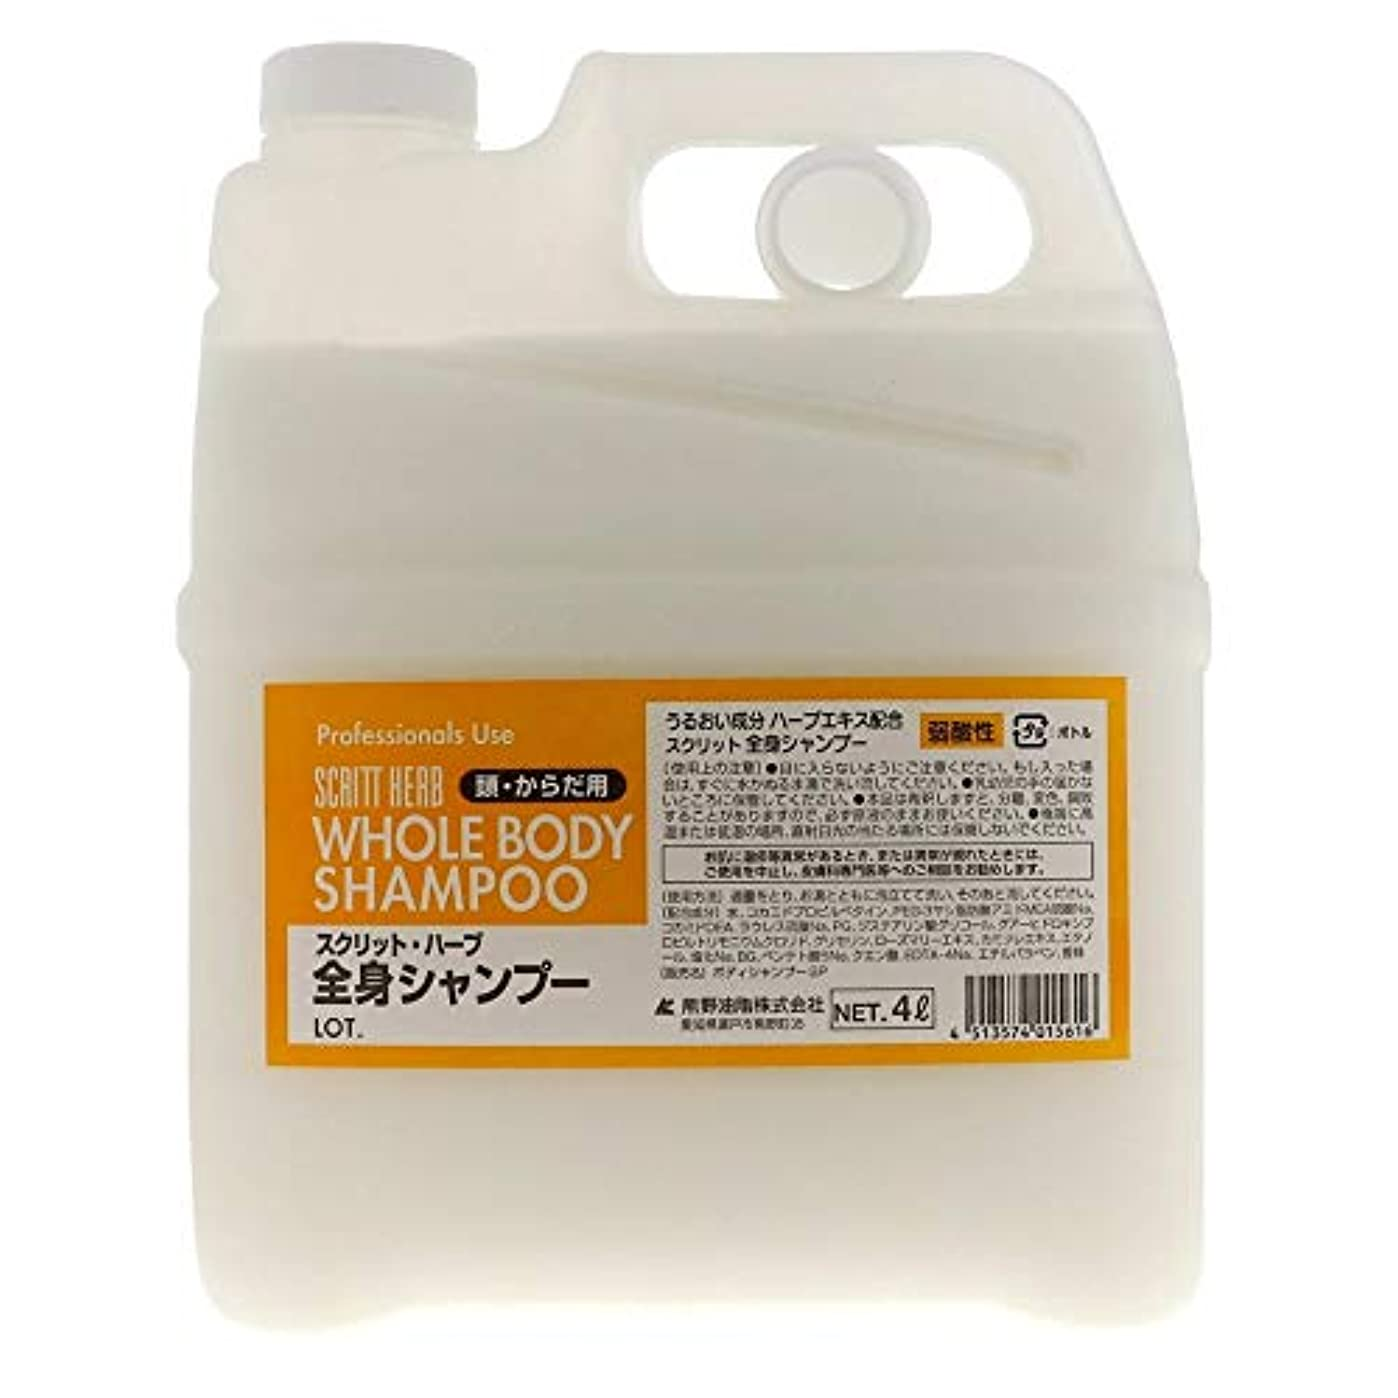 友だち涙耐久熊野油脂 業務用 SCRITT(スクリット) 全身シャンプー 4L